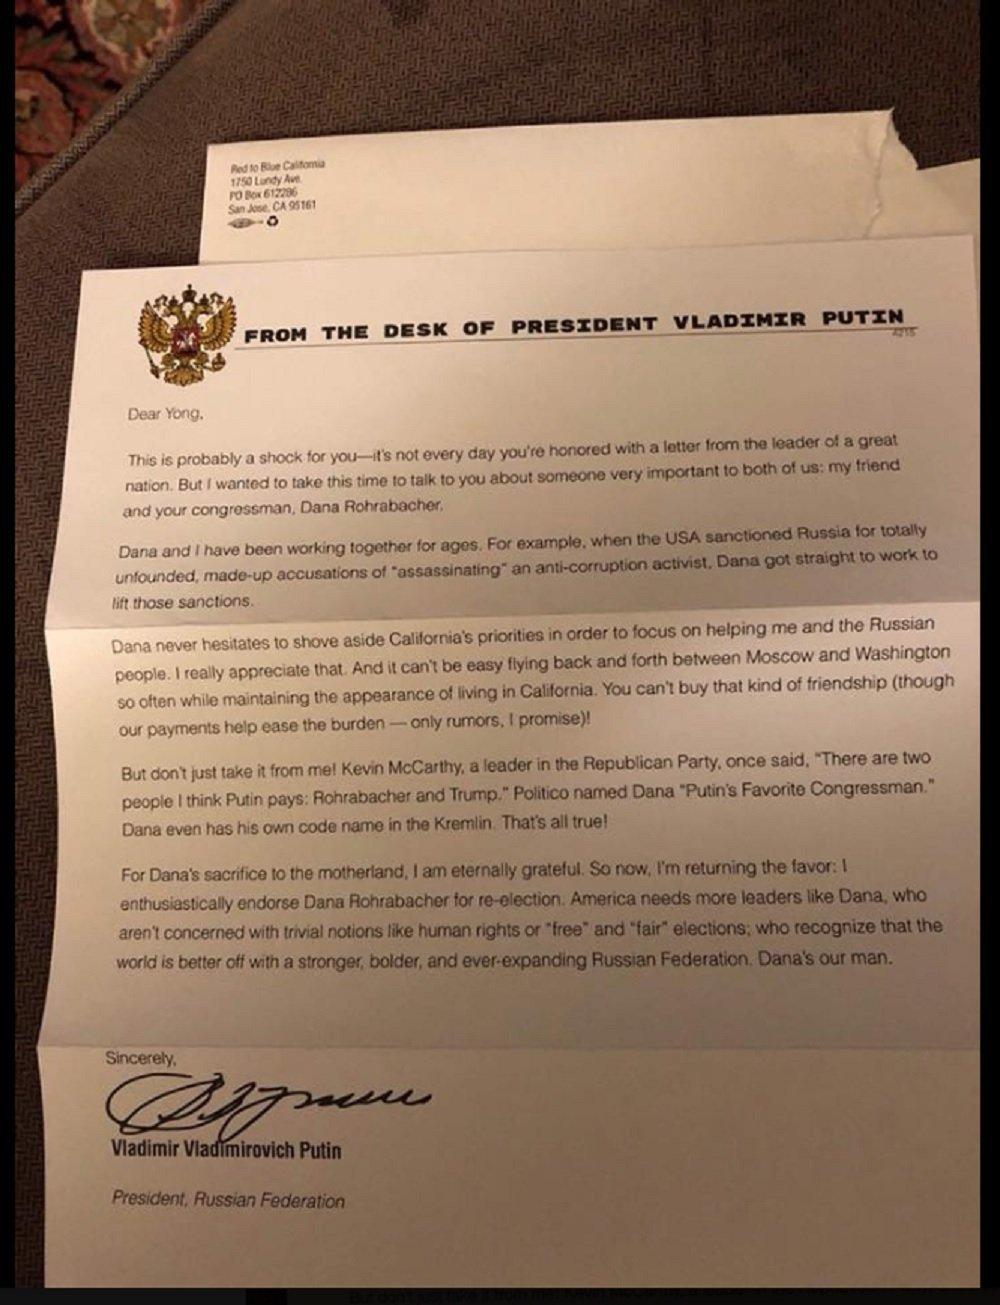 美国爆出普京支持美国众议员的假信